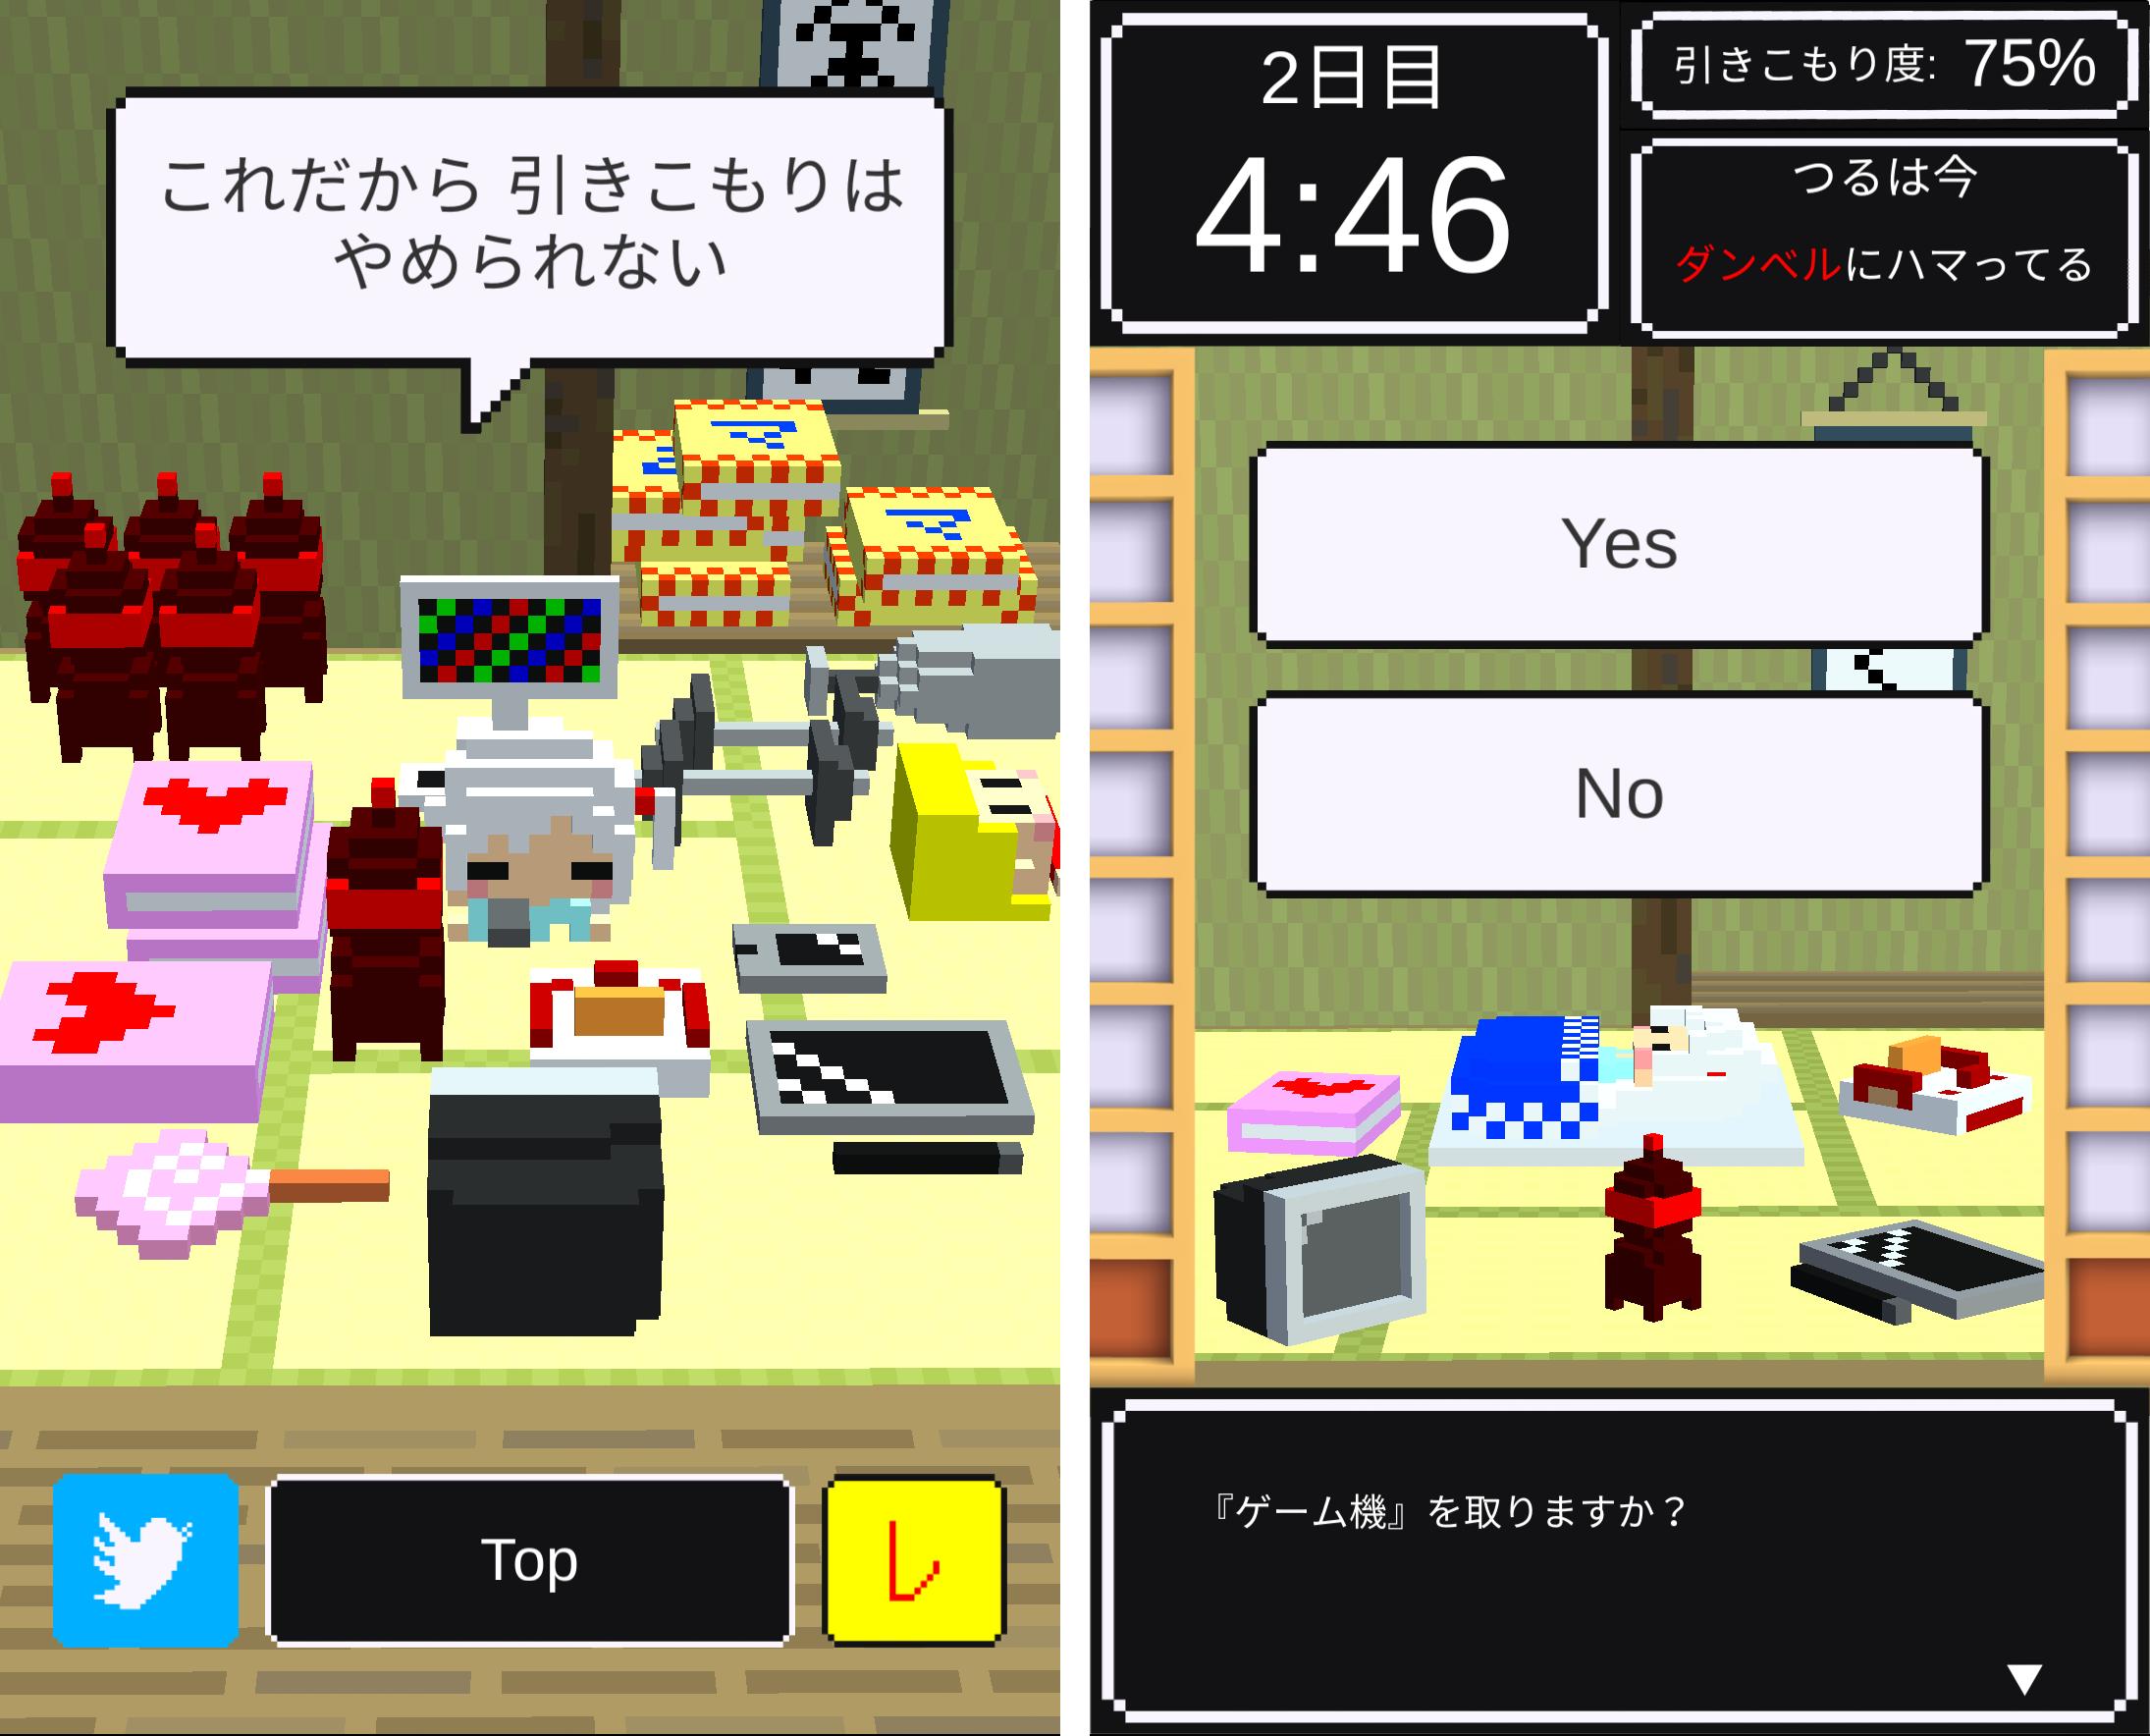 鶴の恩返し -つるVSジジイ- androidアプリスクリーンショット1